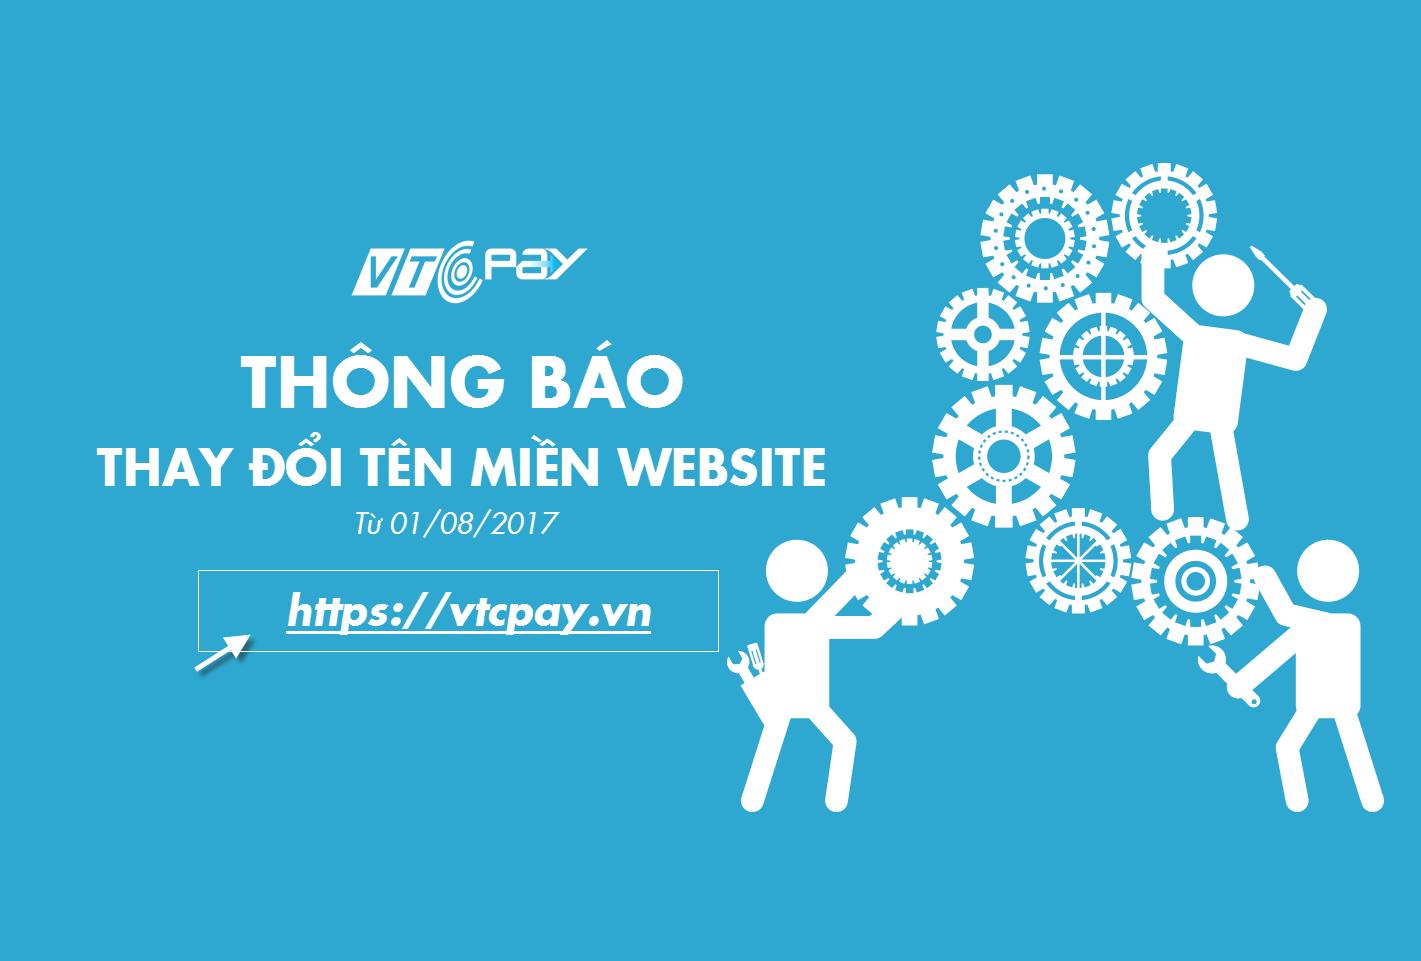 [Thông báo] Thay đổi tên miền website VTC Pay và VTC365